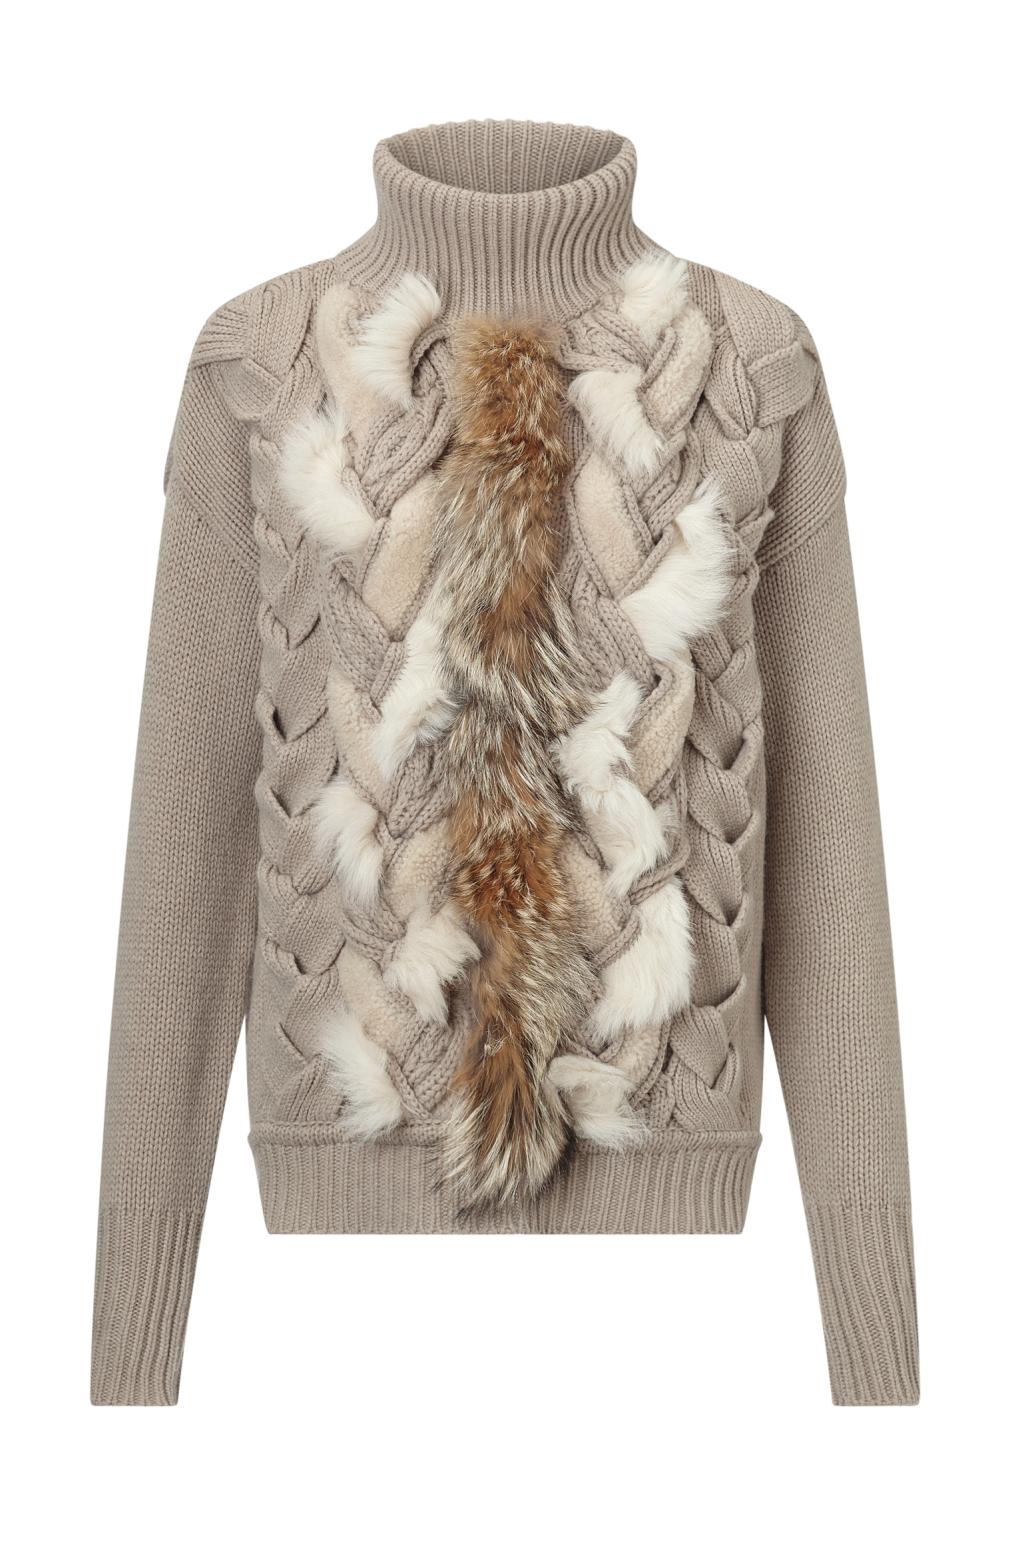 Модный свитер с обьемным вязаным рисунком тренд сезона из коллекции Belstaff..